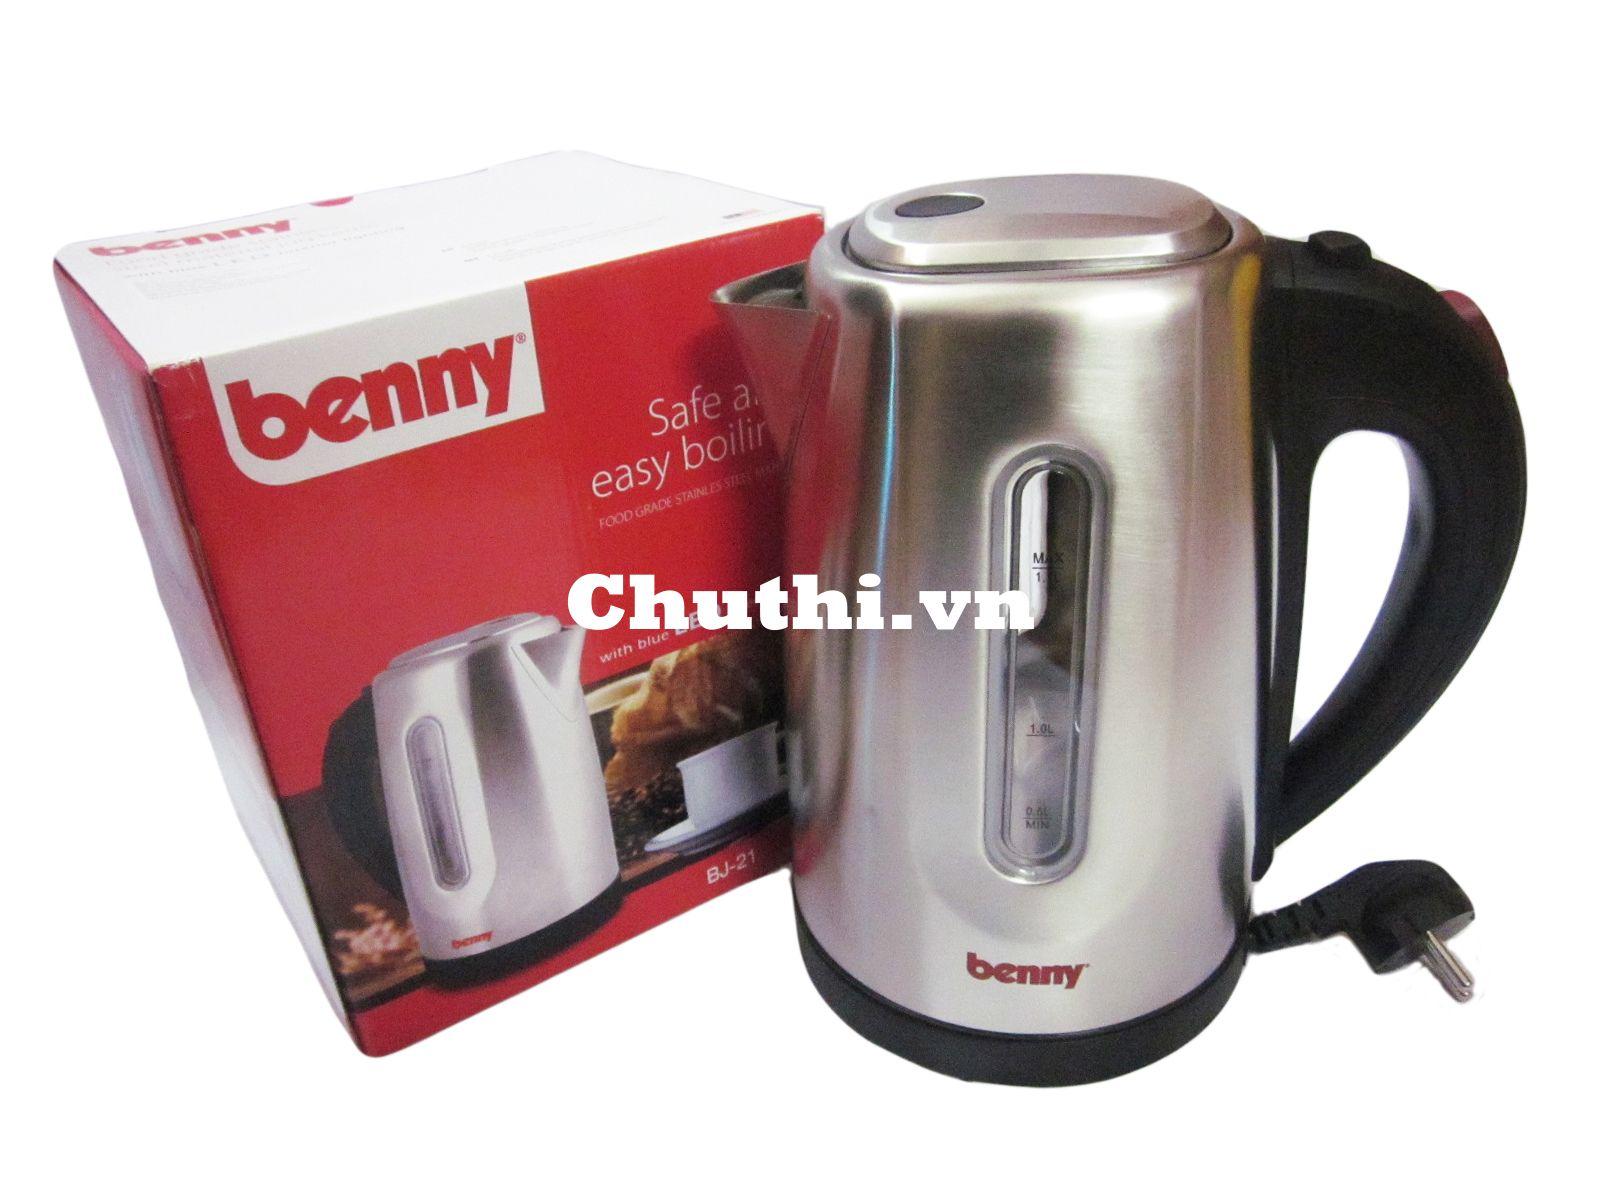 Hàng chính hãng có sẵn tại Chuthi.vn